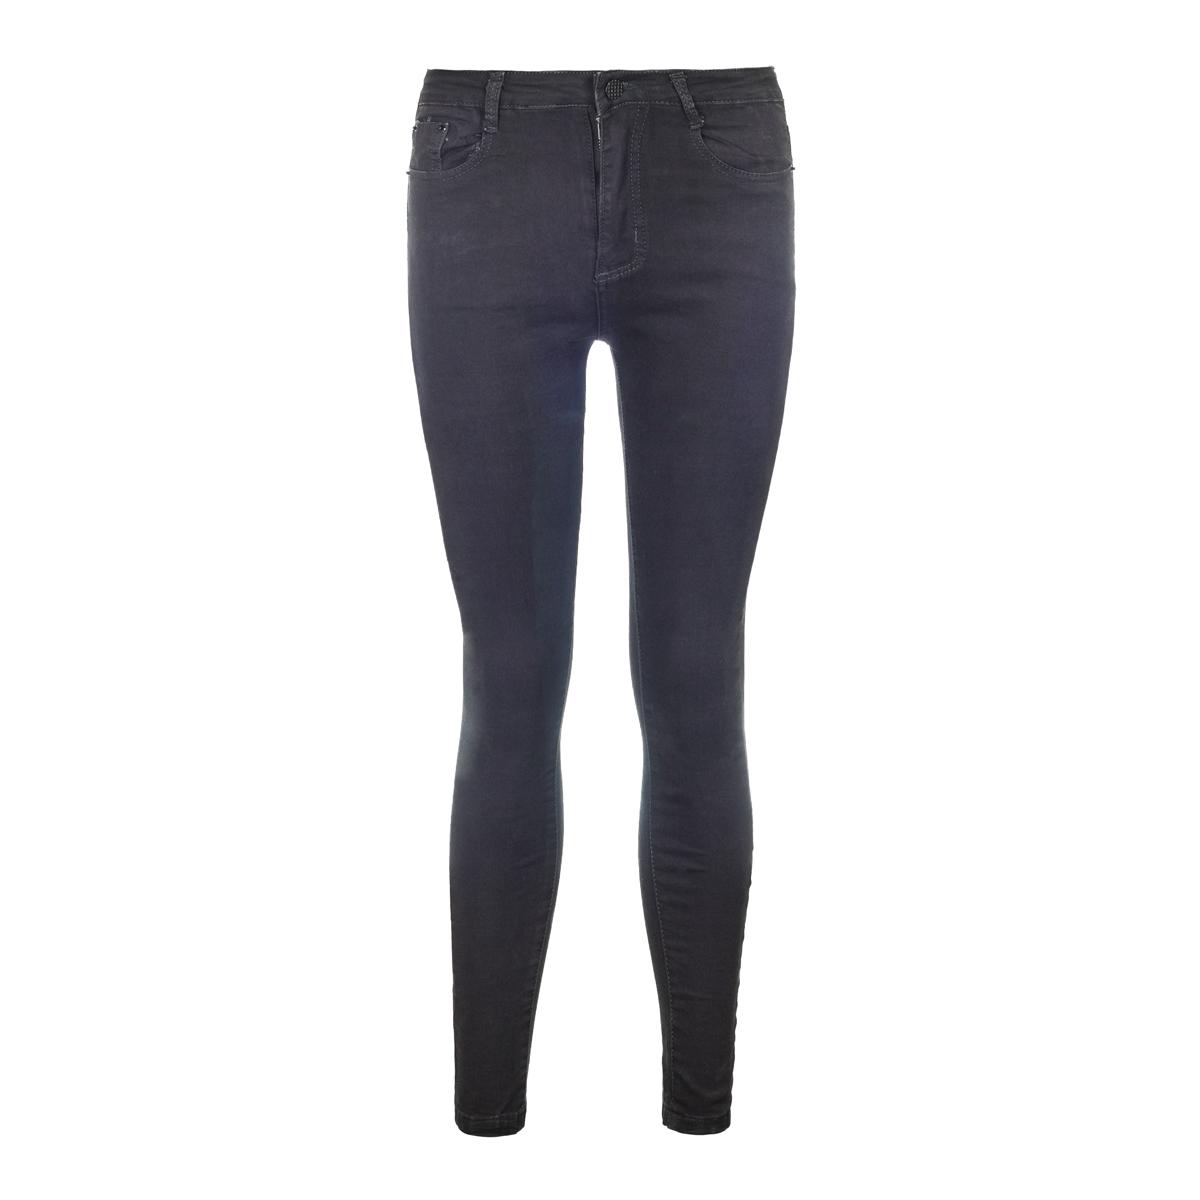 Жен. джинсы арт. 12-0090 Черный р. 26